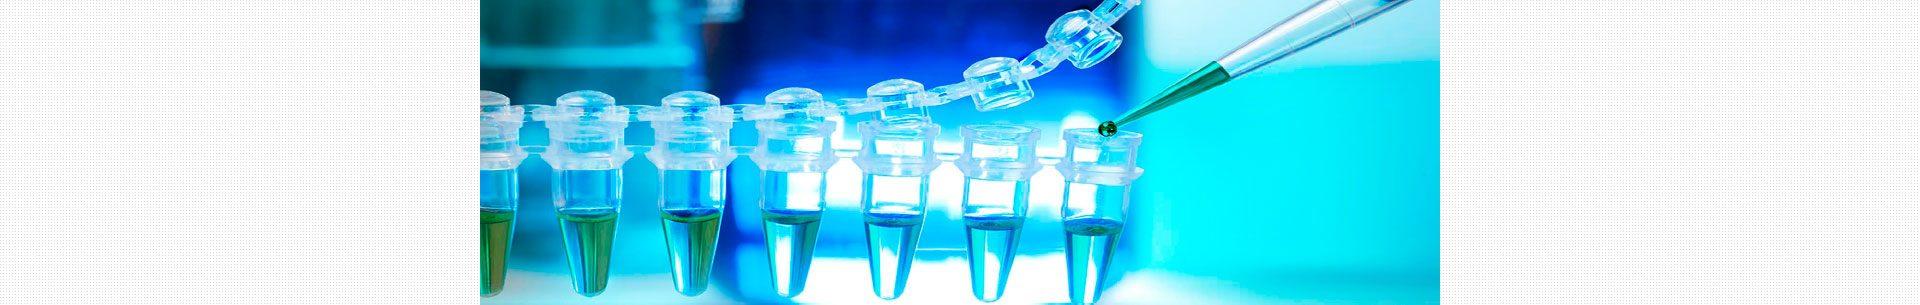 industria farmaceutica y quimica